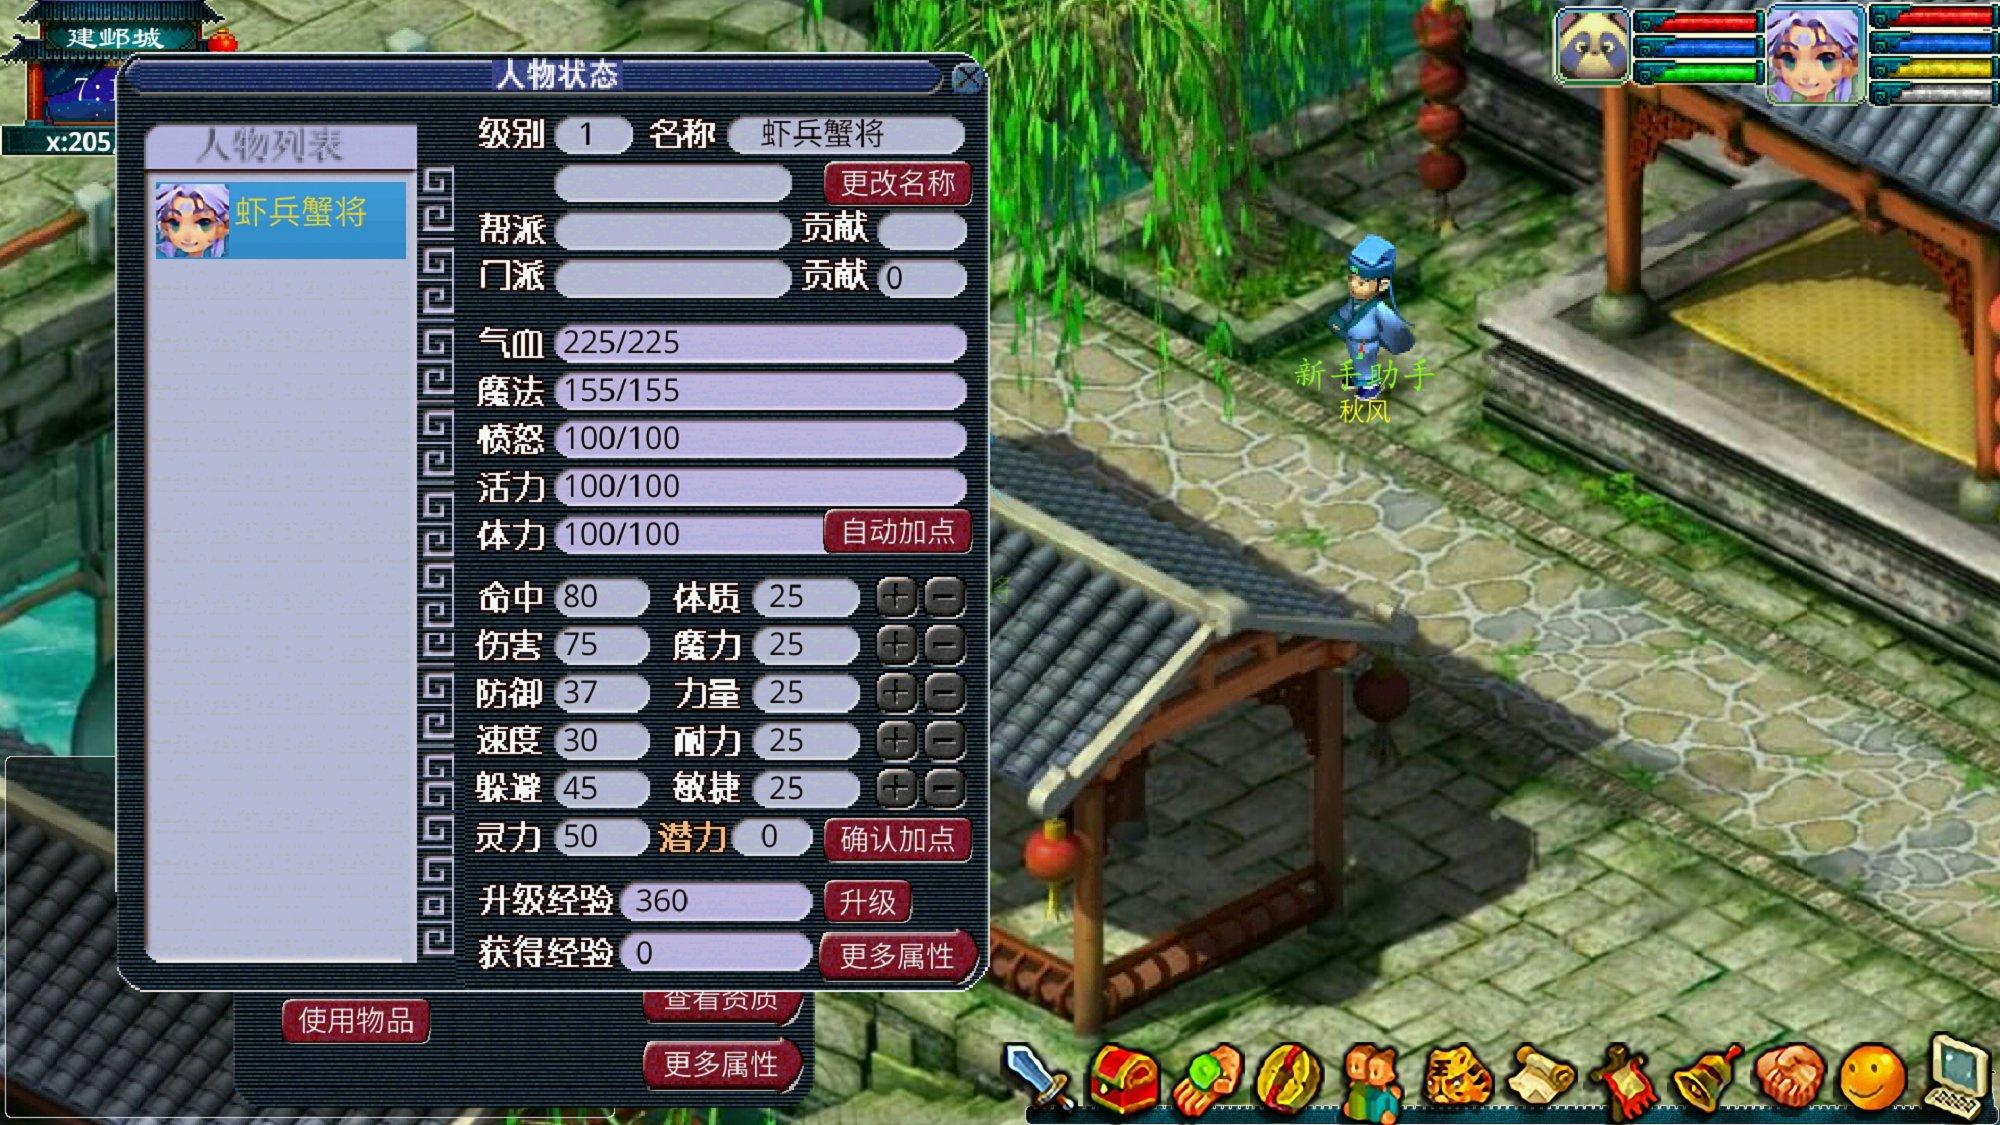 梦幻封妖传破解版 v1.0截图